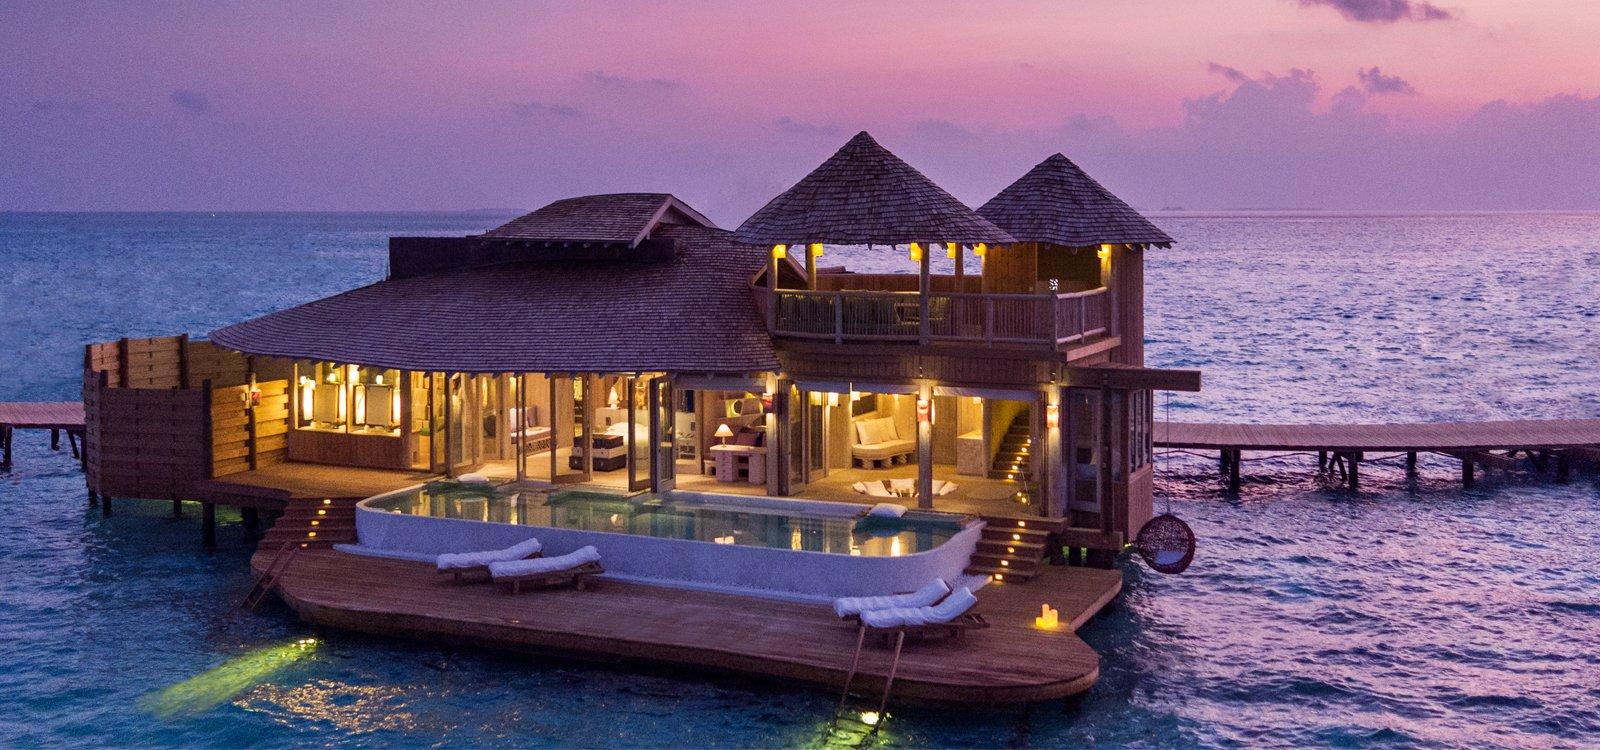 Soneva Jani, un nuevo resort de lujo en Maldivas